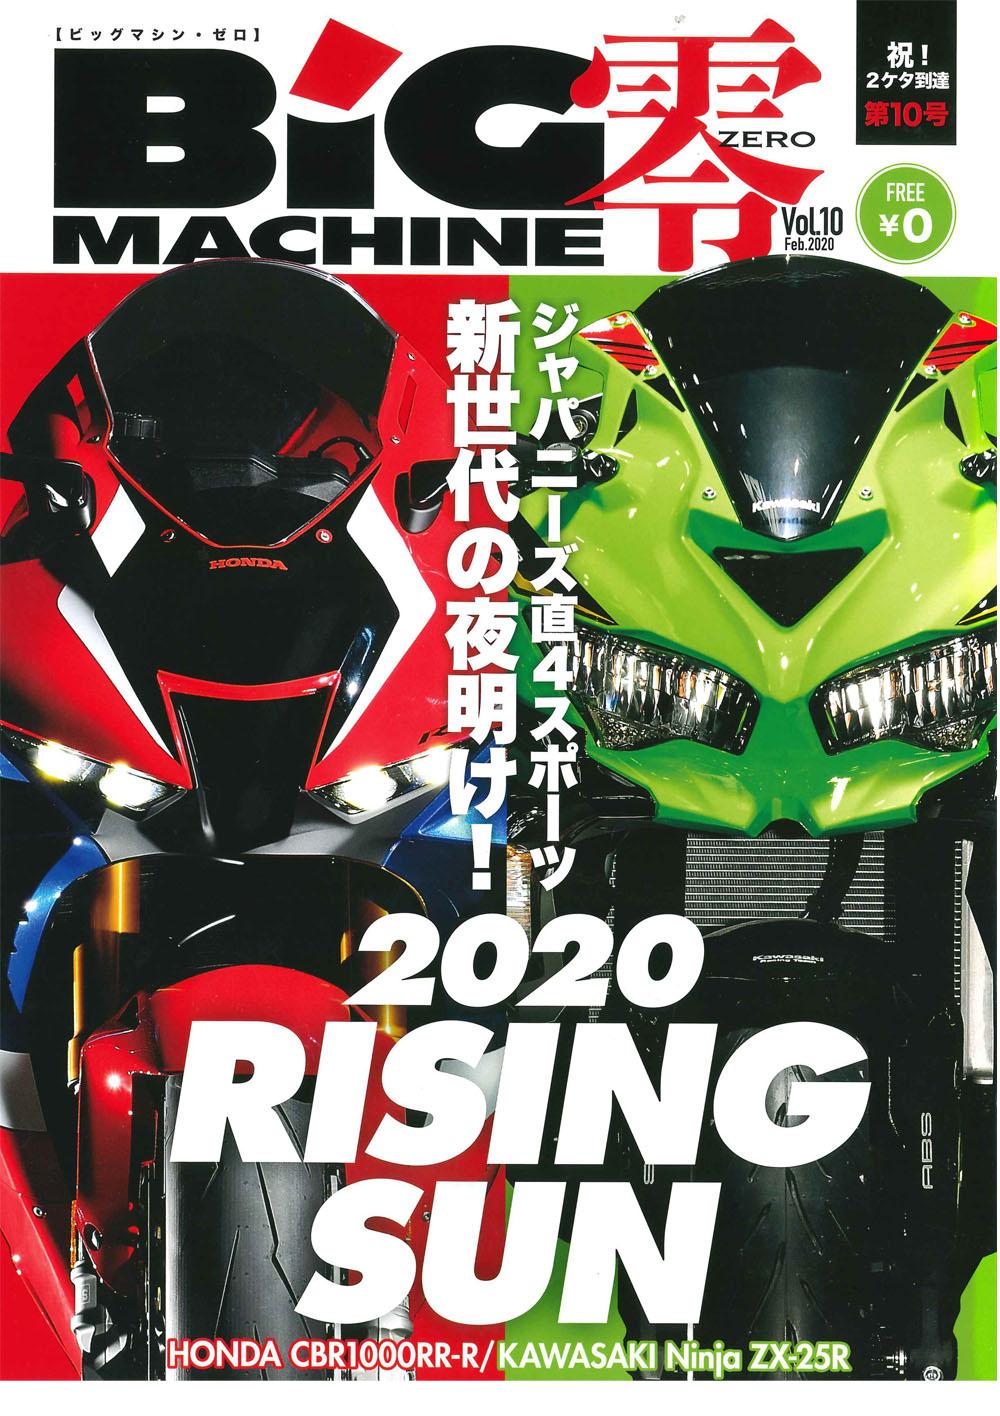 【ビッグマシン・ゼロ Vol.10掲載 】 新商品『B+COM ONE』プレミアムスタンダード